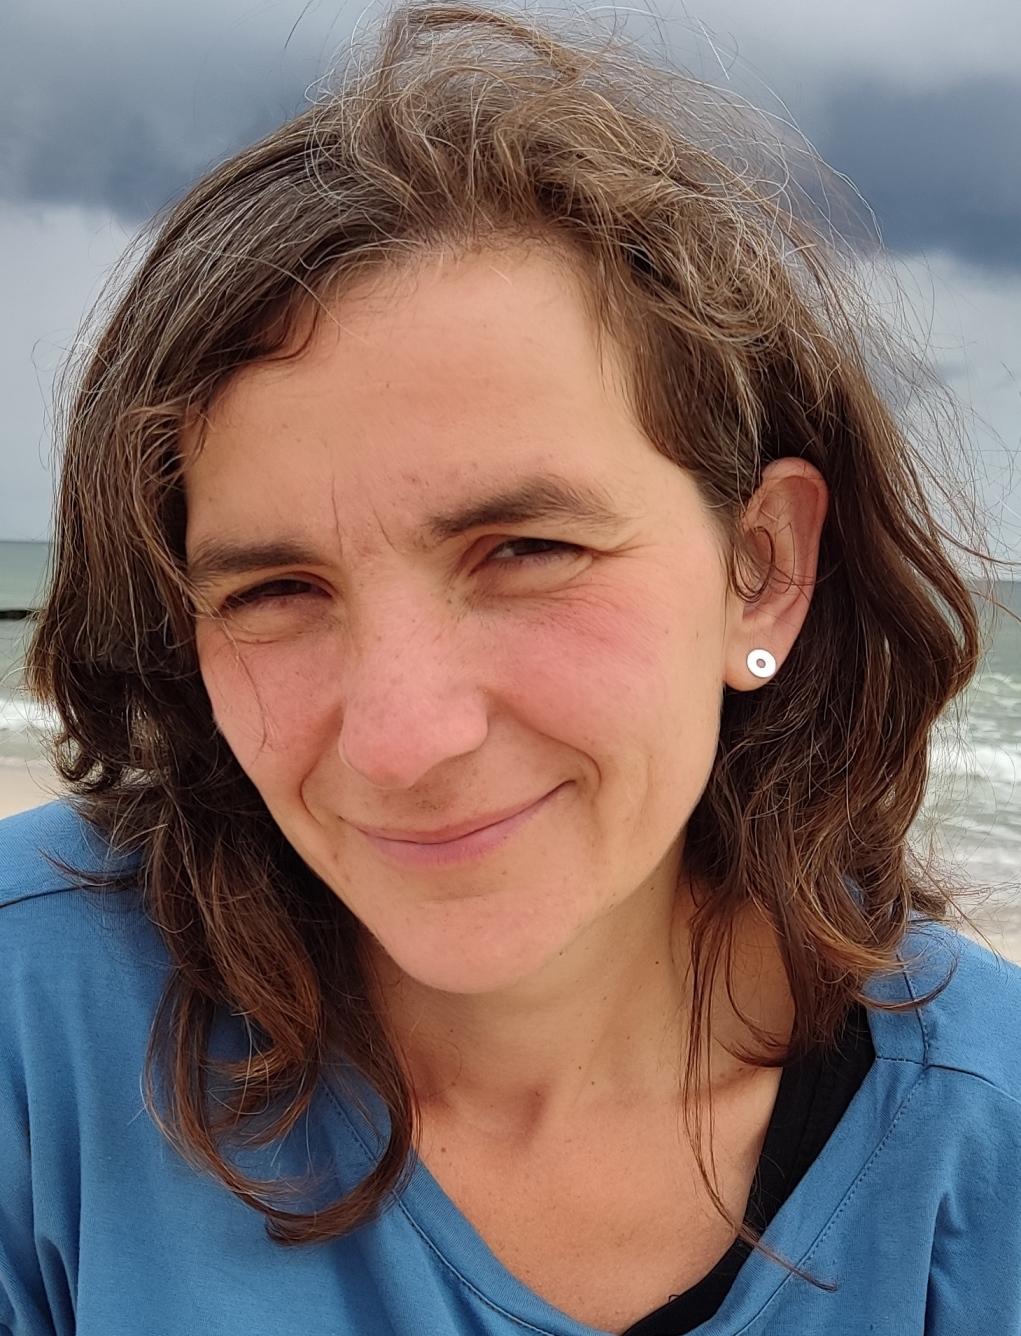 Monika Rakowska